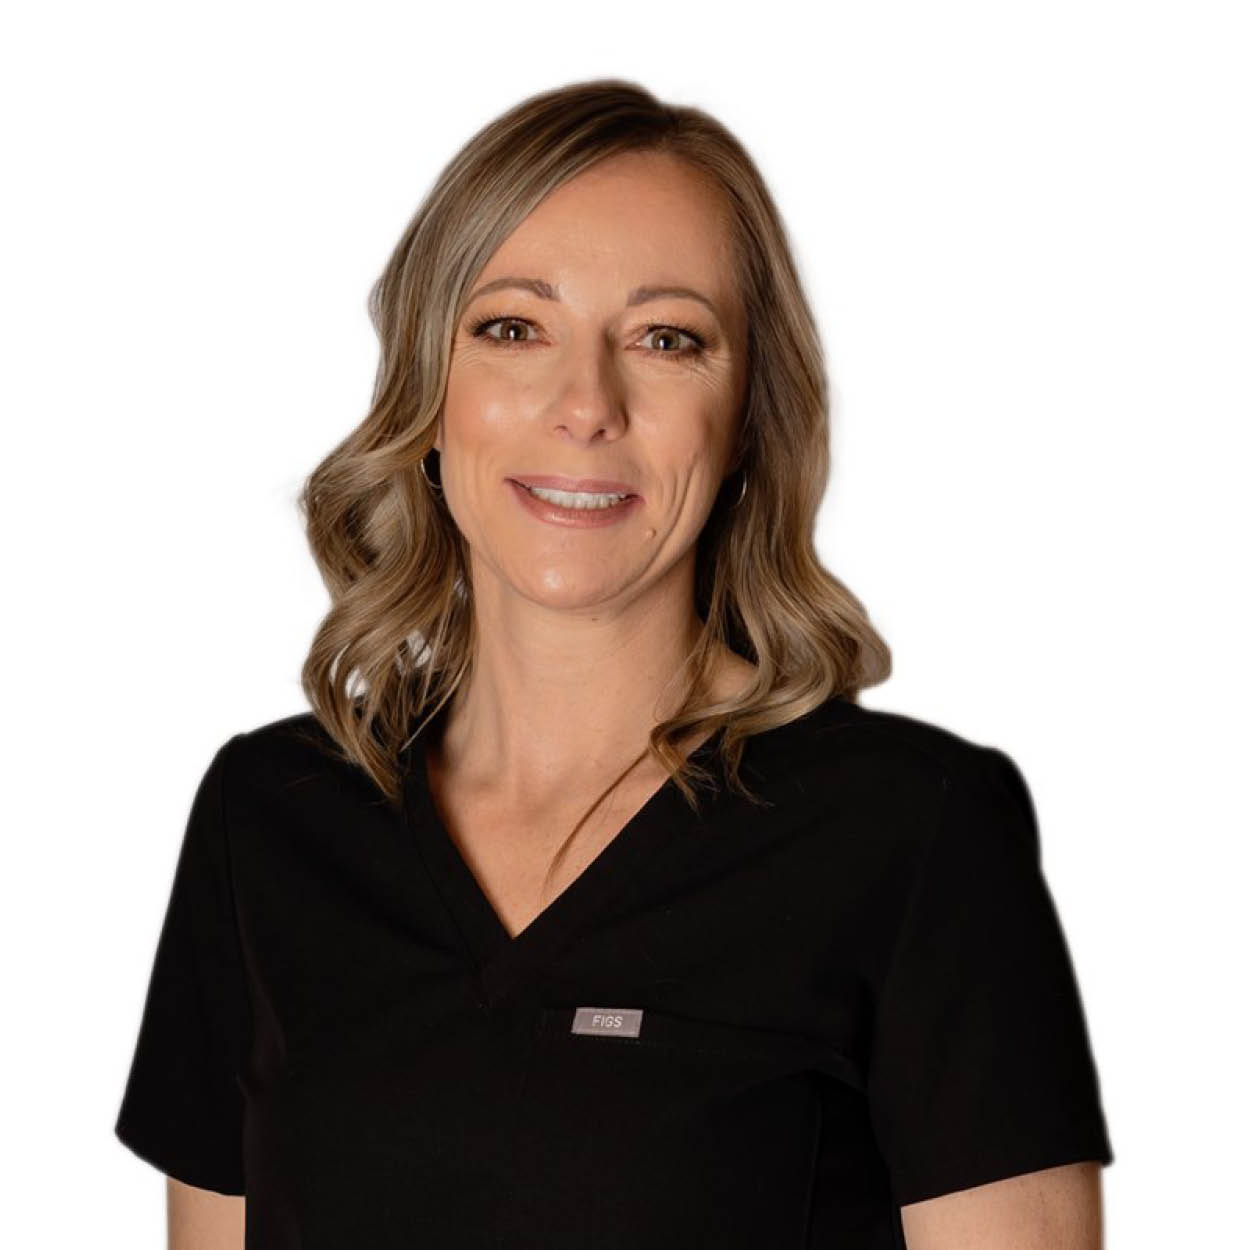 Sarah Lucas - Optometric Assistant